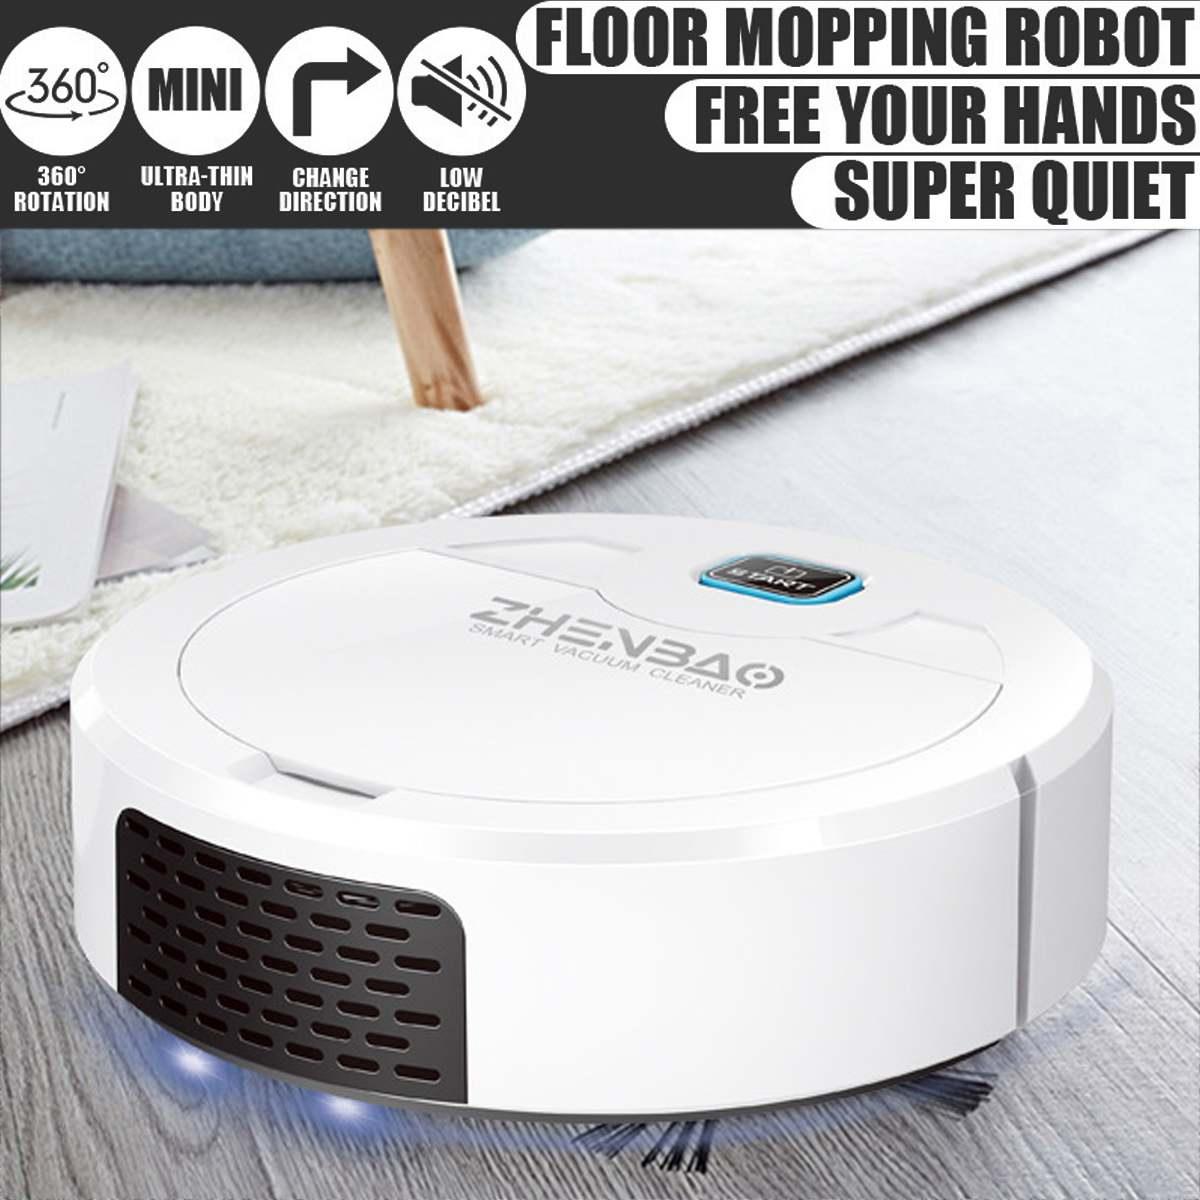 الذكية جهاز آلي لتنظيف الأتربة قابلة للشحن المنزلية التلقائي كنس الشوارع المنزل سجادة أرضيات تنظيف الروبوتات الغبار تعقيم